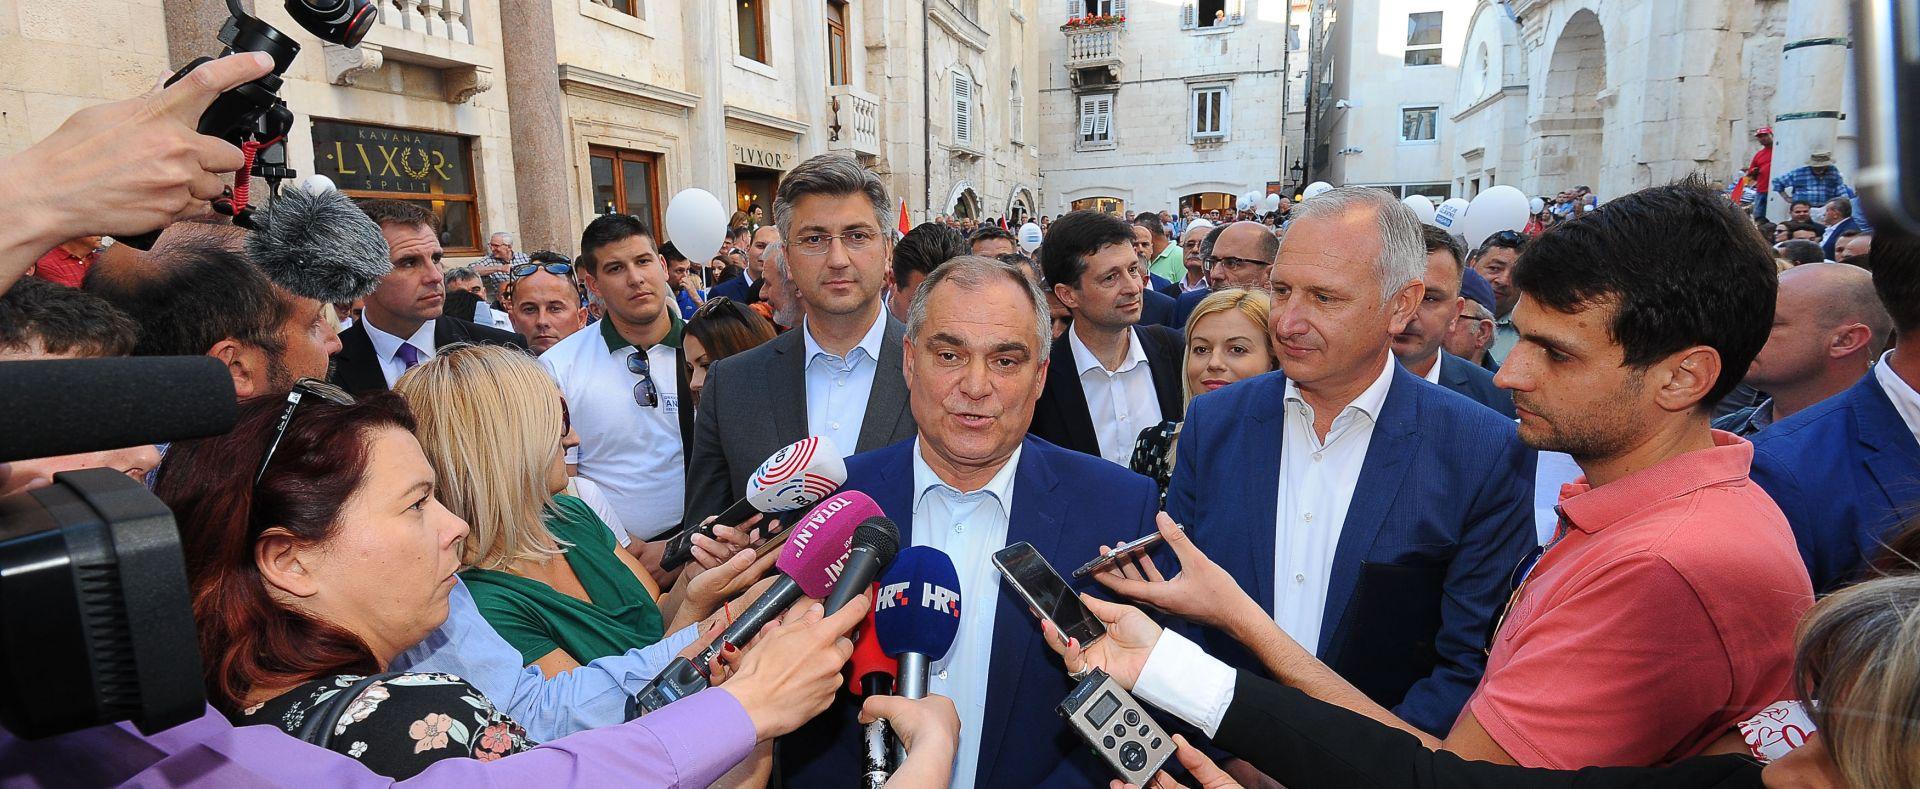 Župan Boban: Zbog potresa me zvao i premijer Plenković